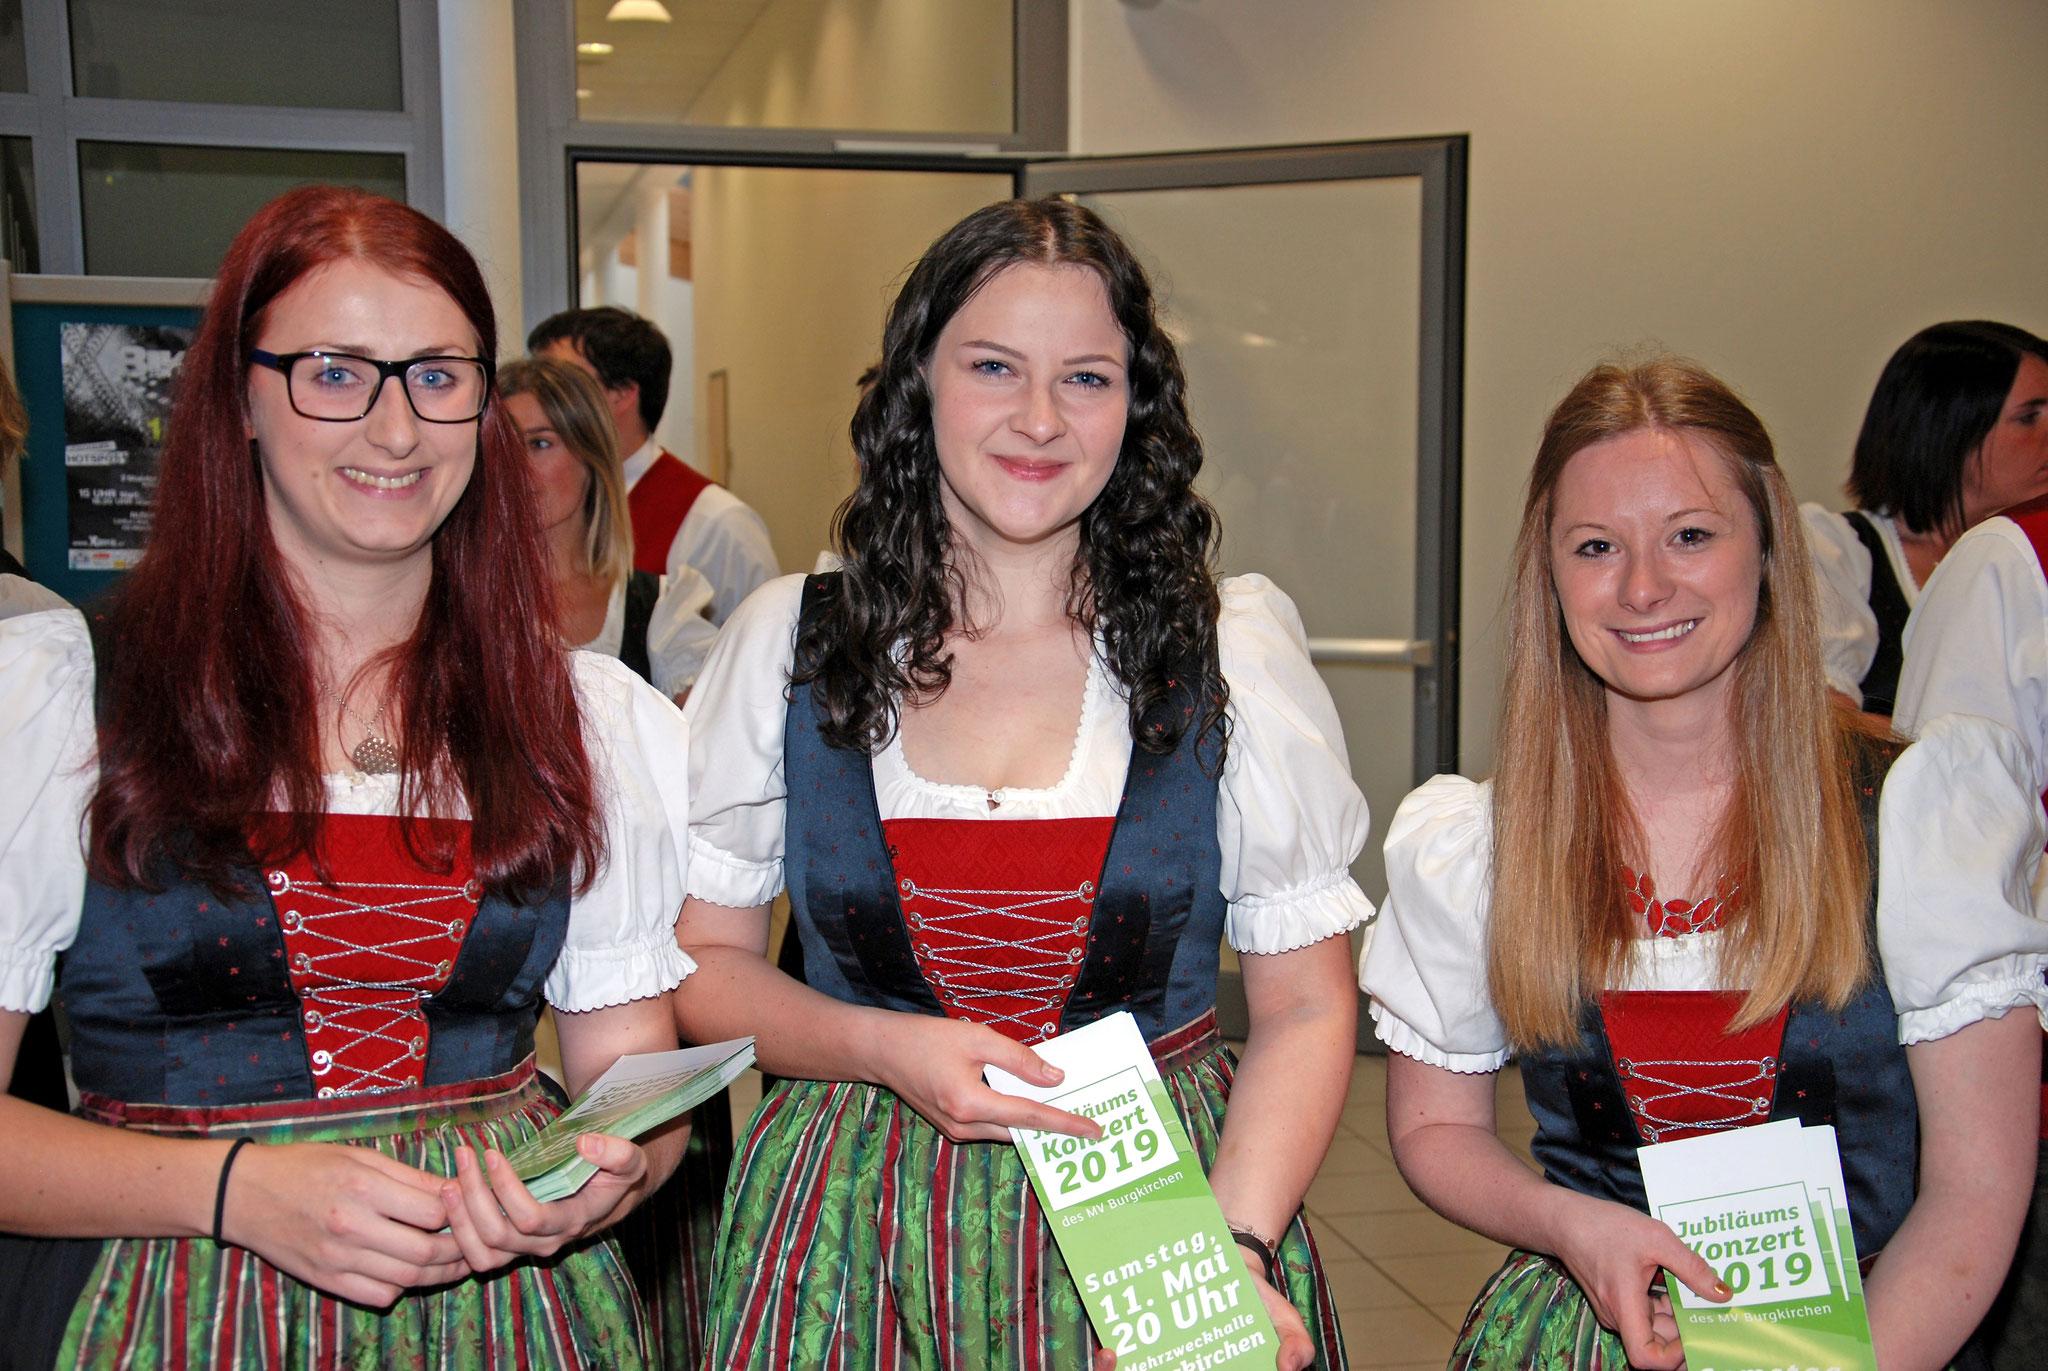 Partnersuche & kostenlose Kontaktanzeigen in Burgkirchen